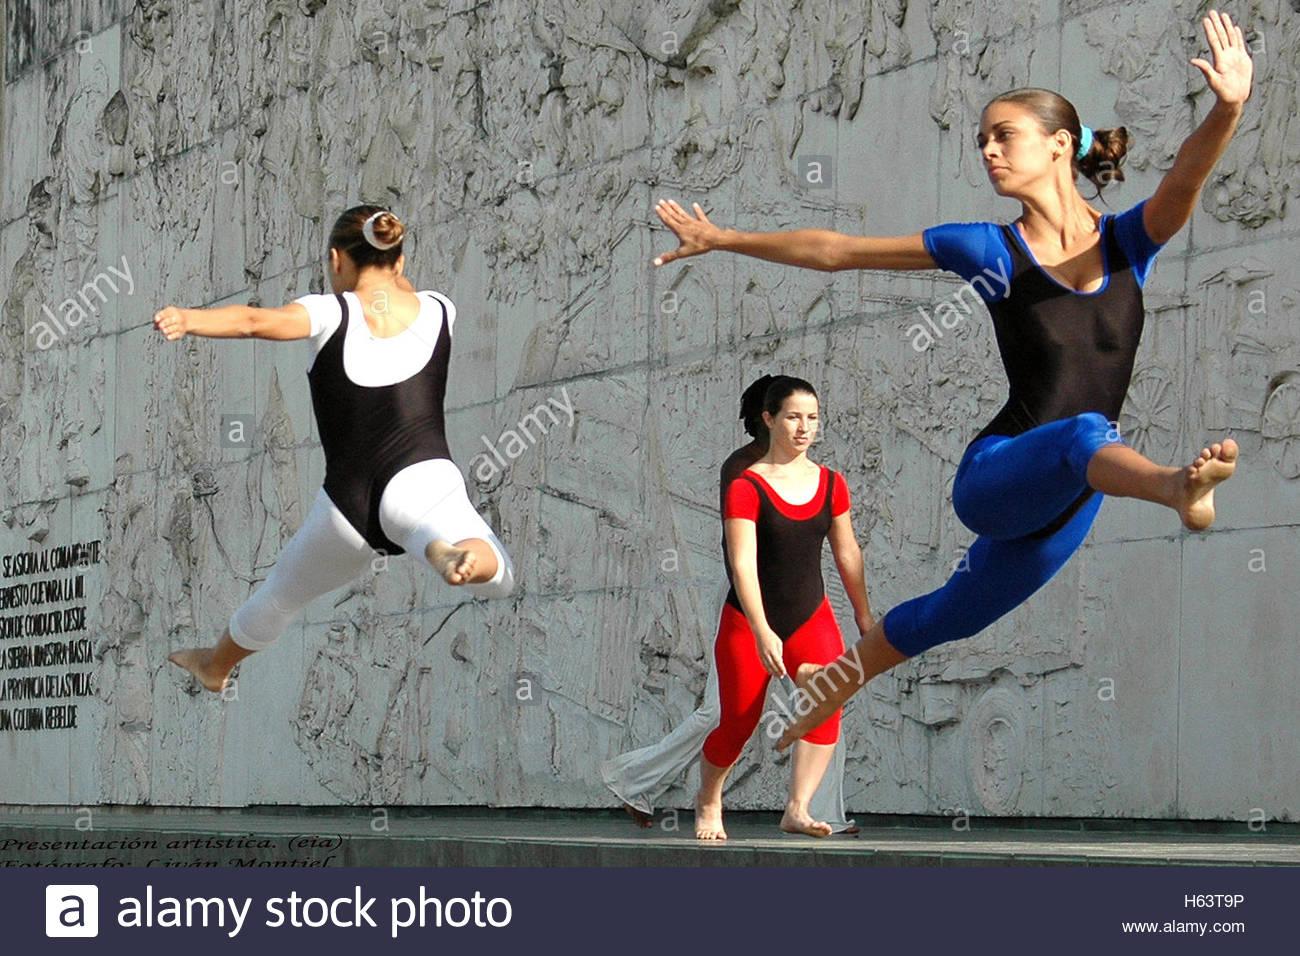 Anti Imperialist Open Forums or Tribunas Abiertas Anti imperialistas in Che Guevara Memorial.   Acrobatic Gymnasts - Stock Image